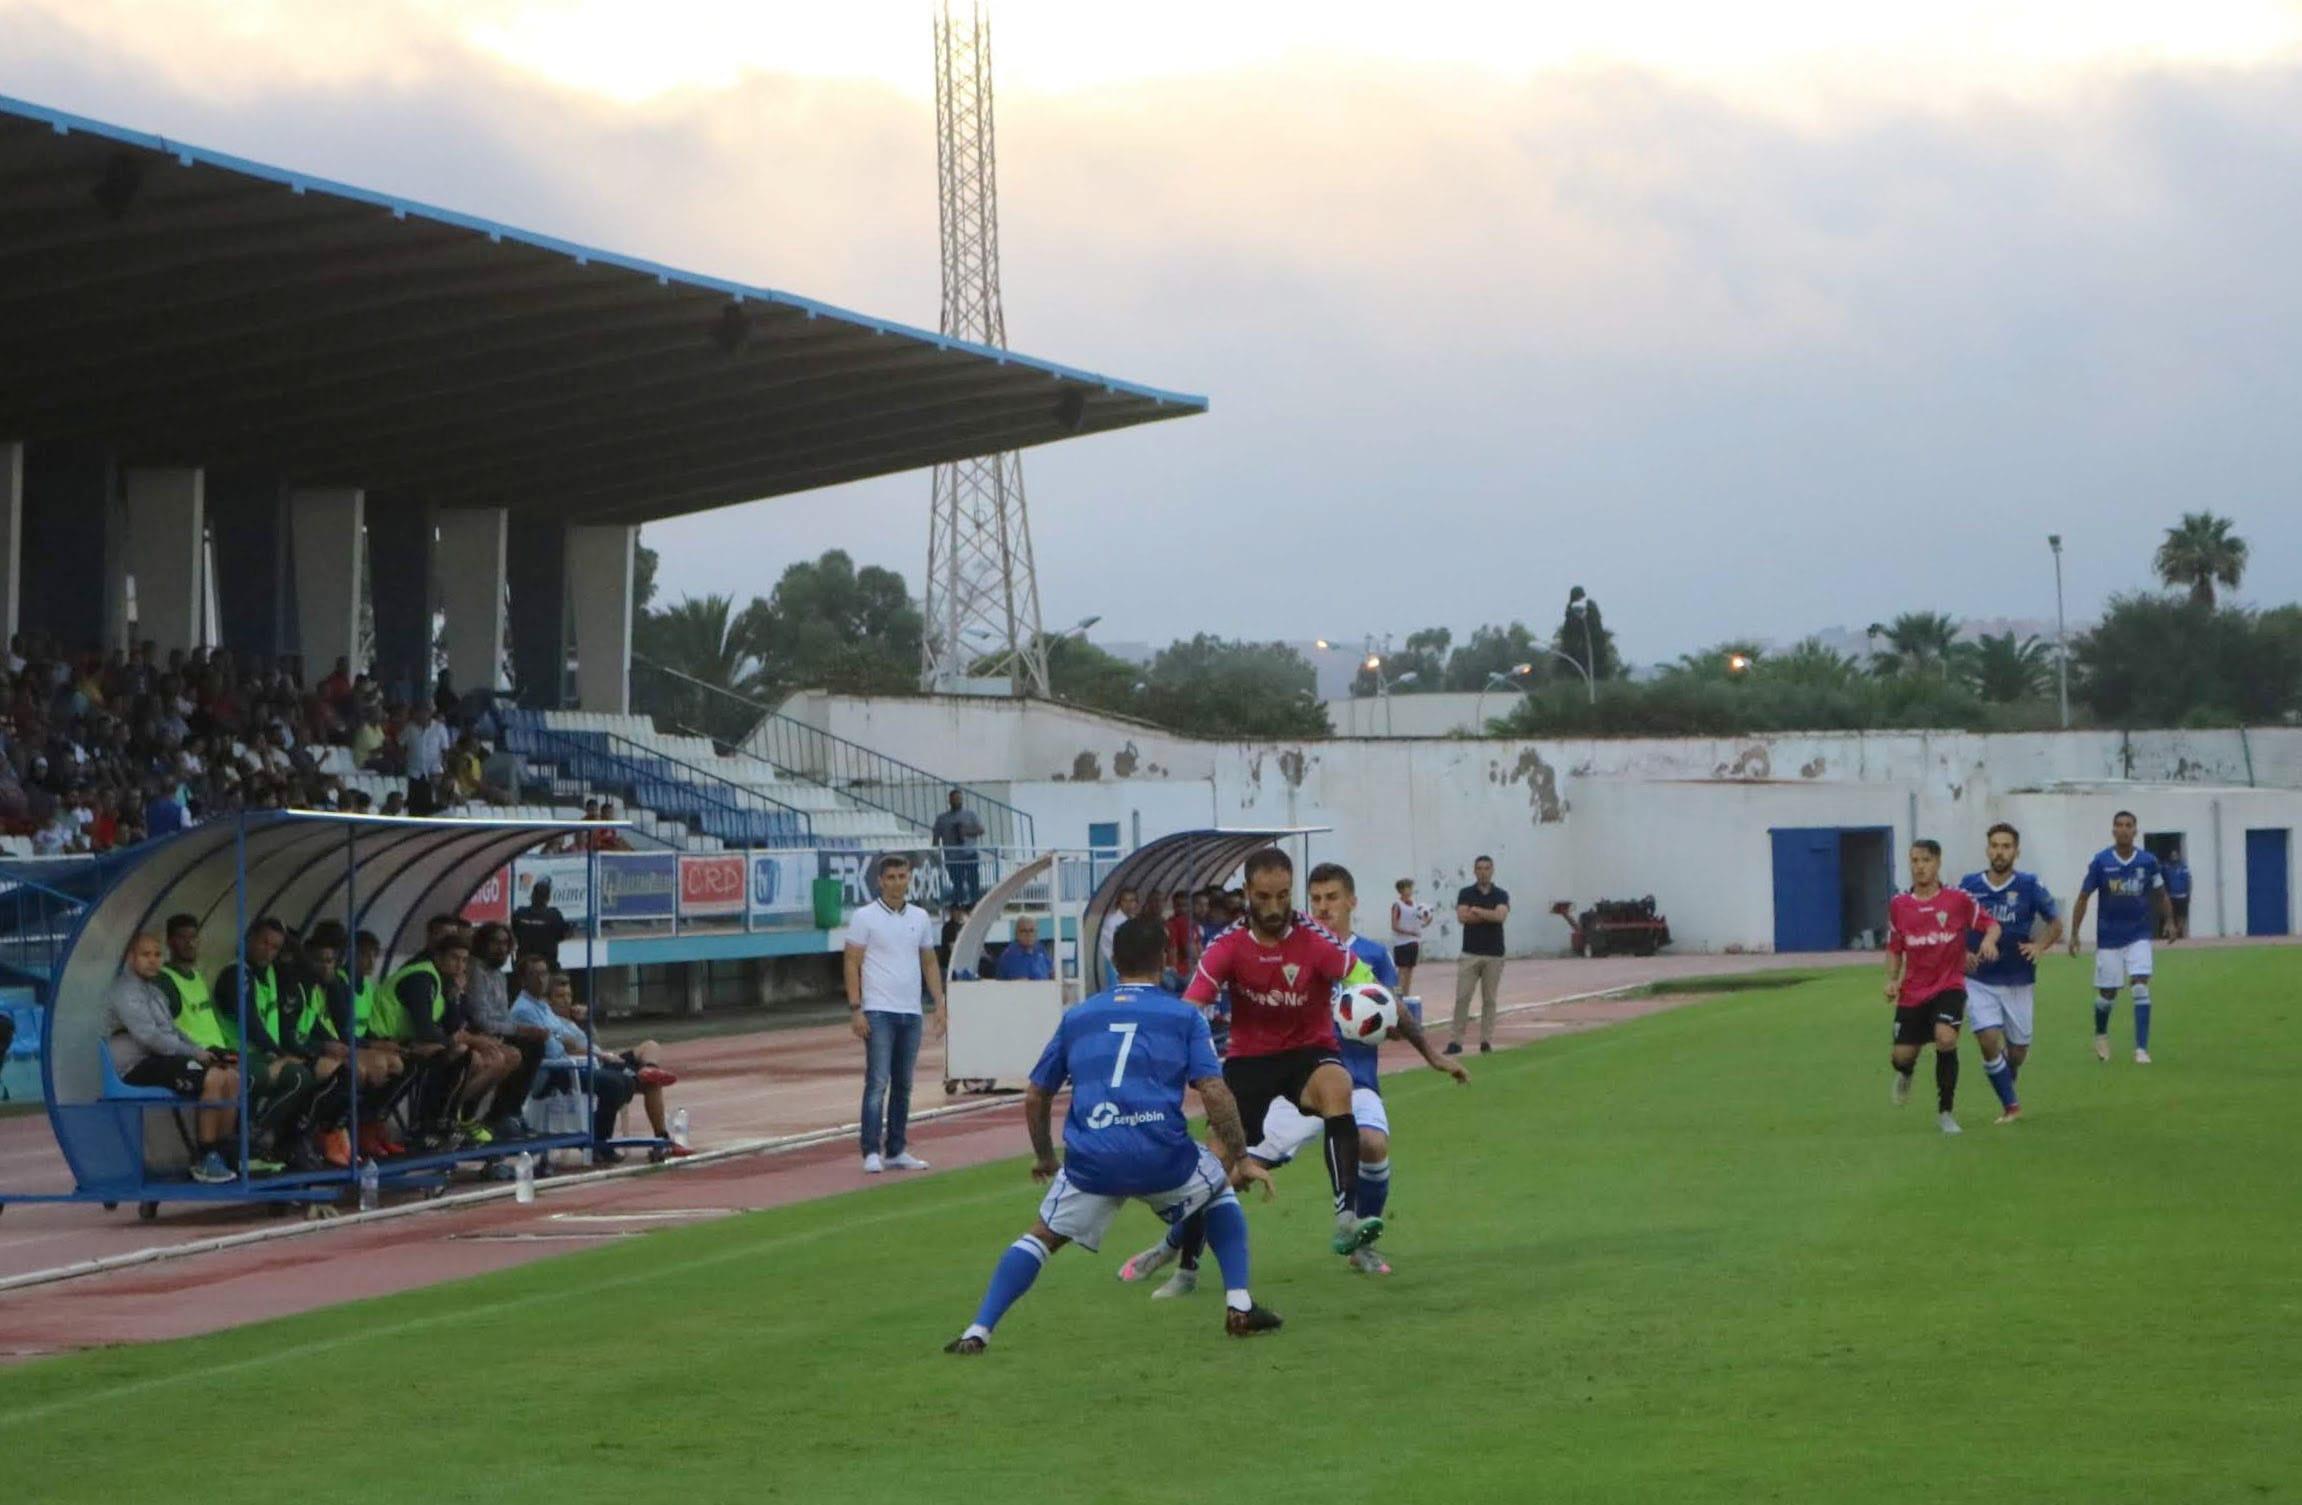 El Marbella FC cae en Melilla pese a adelantarse en el marcador (2-1)